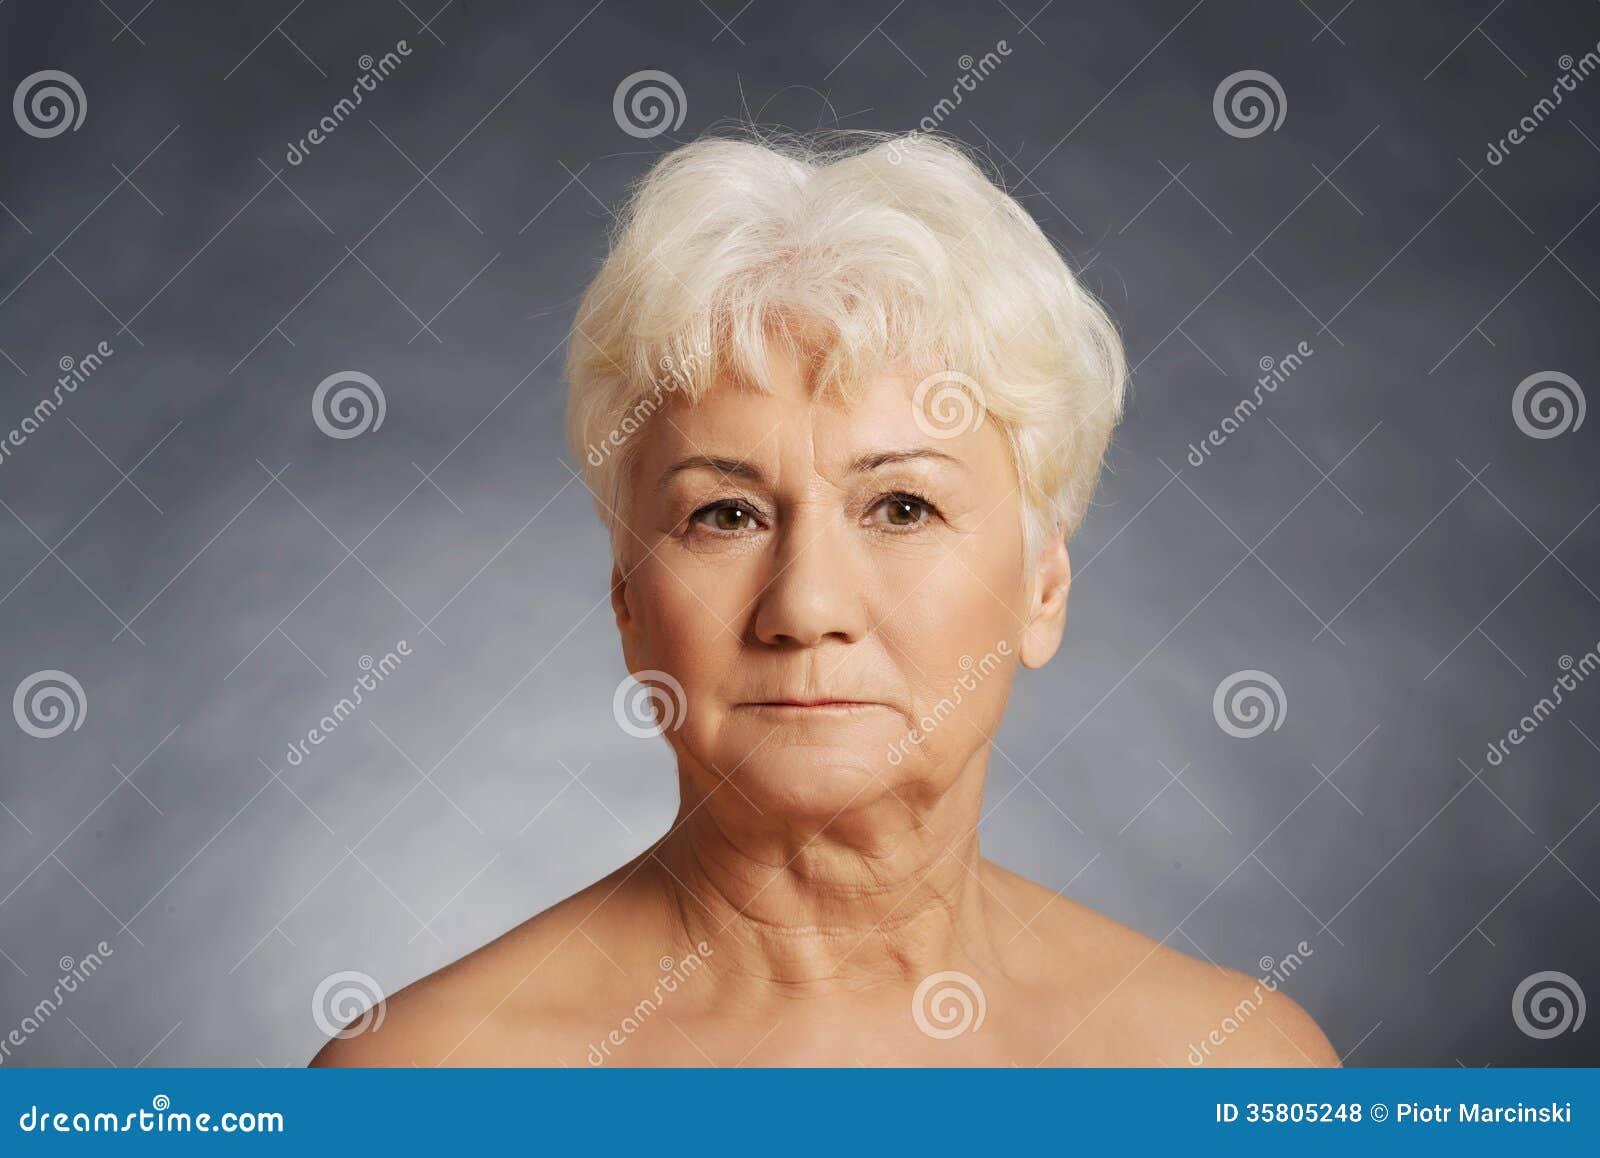 Смотреть Бесплатно Голые Женщины Возрасте